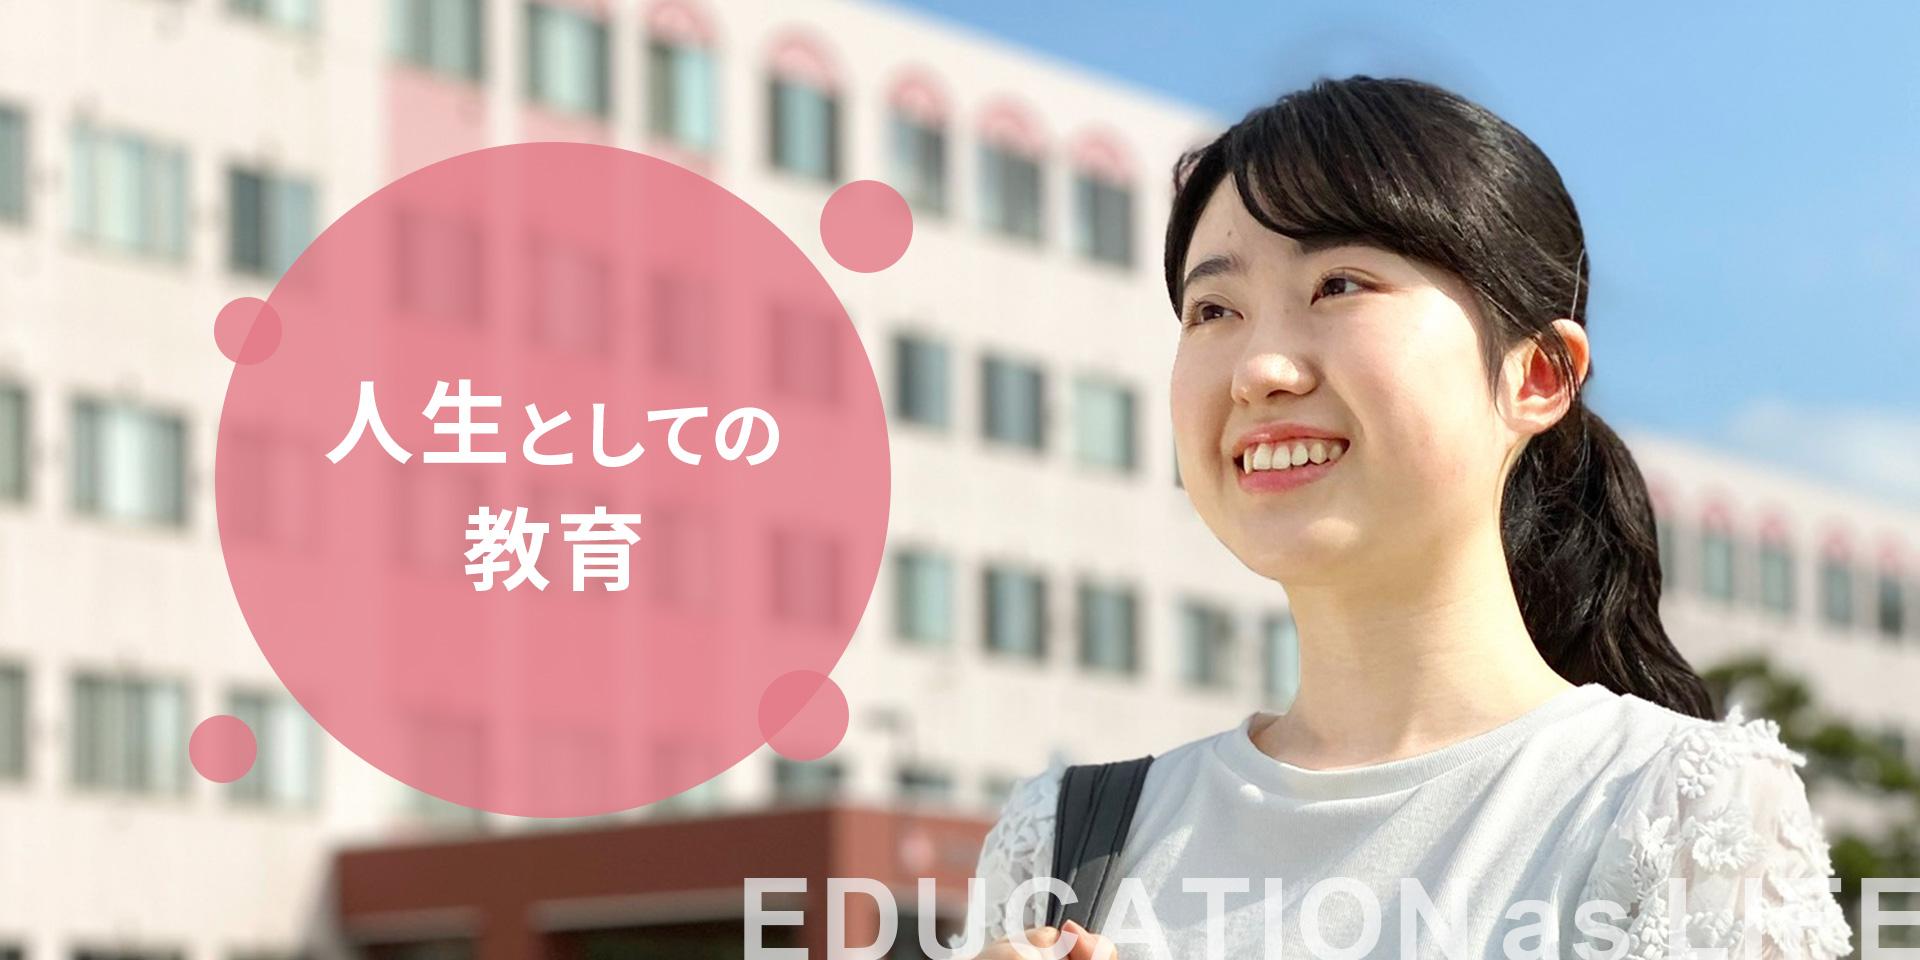 人生としての教育 EDUCATION as LIFE